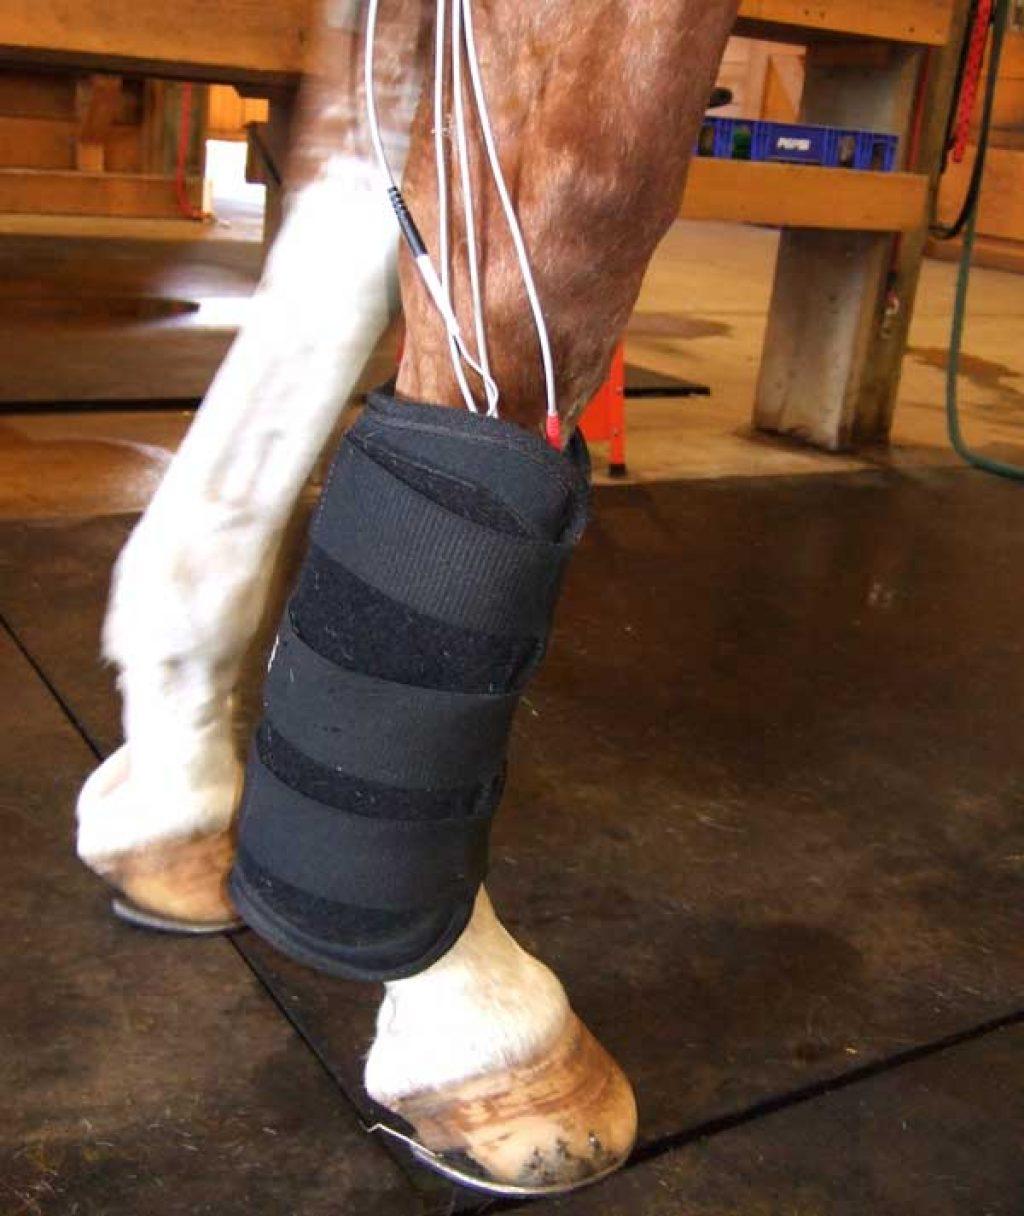 Microcurrent Leg Treatment Silverknit Matrix Therapy